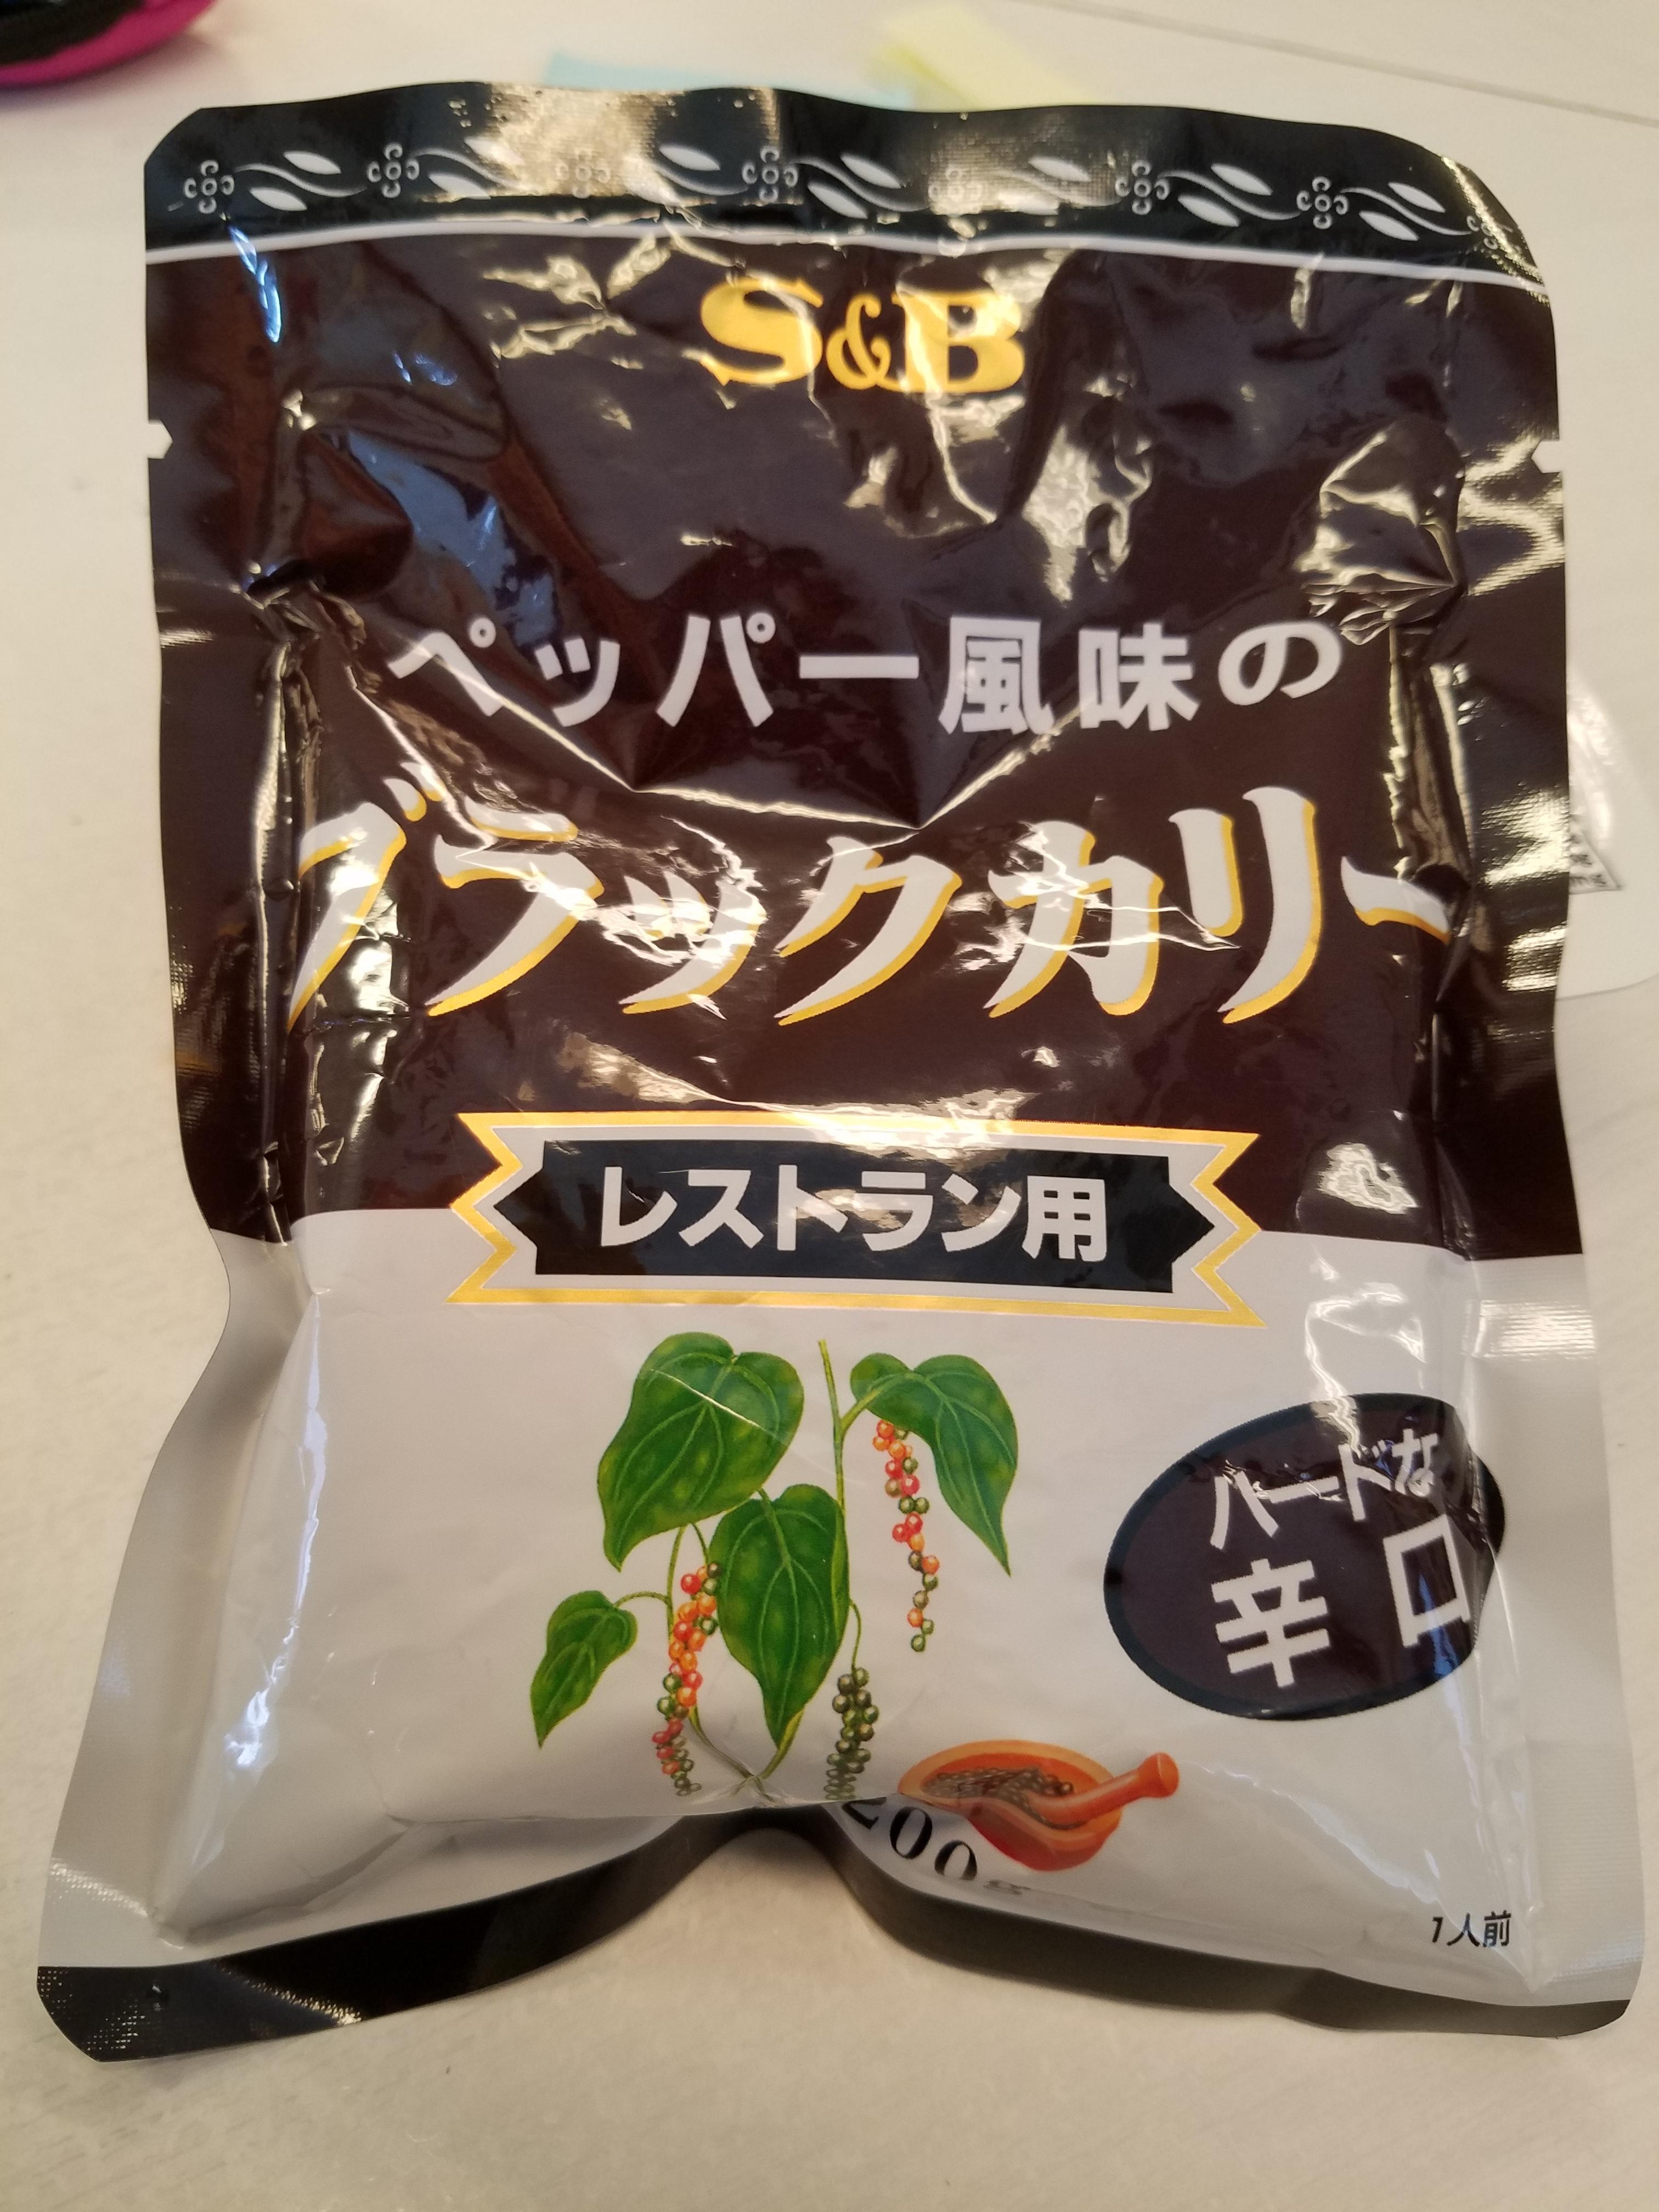 ペッパー風味のブラックカリー_パッケージ表面.jpg